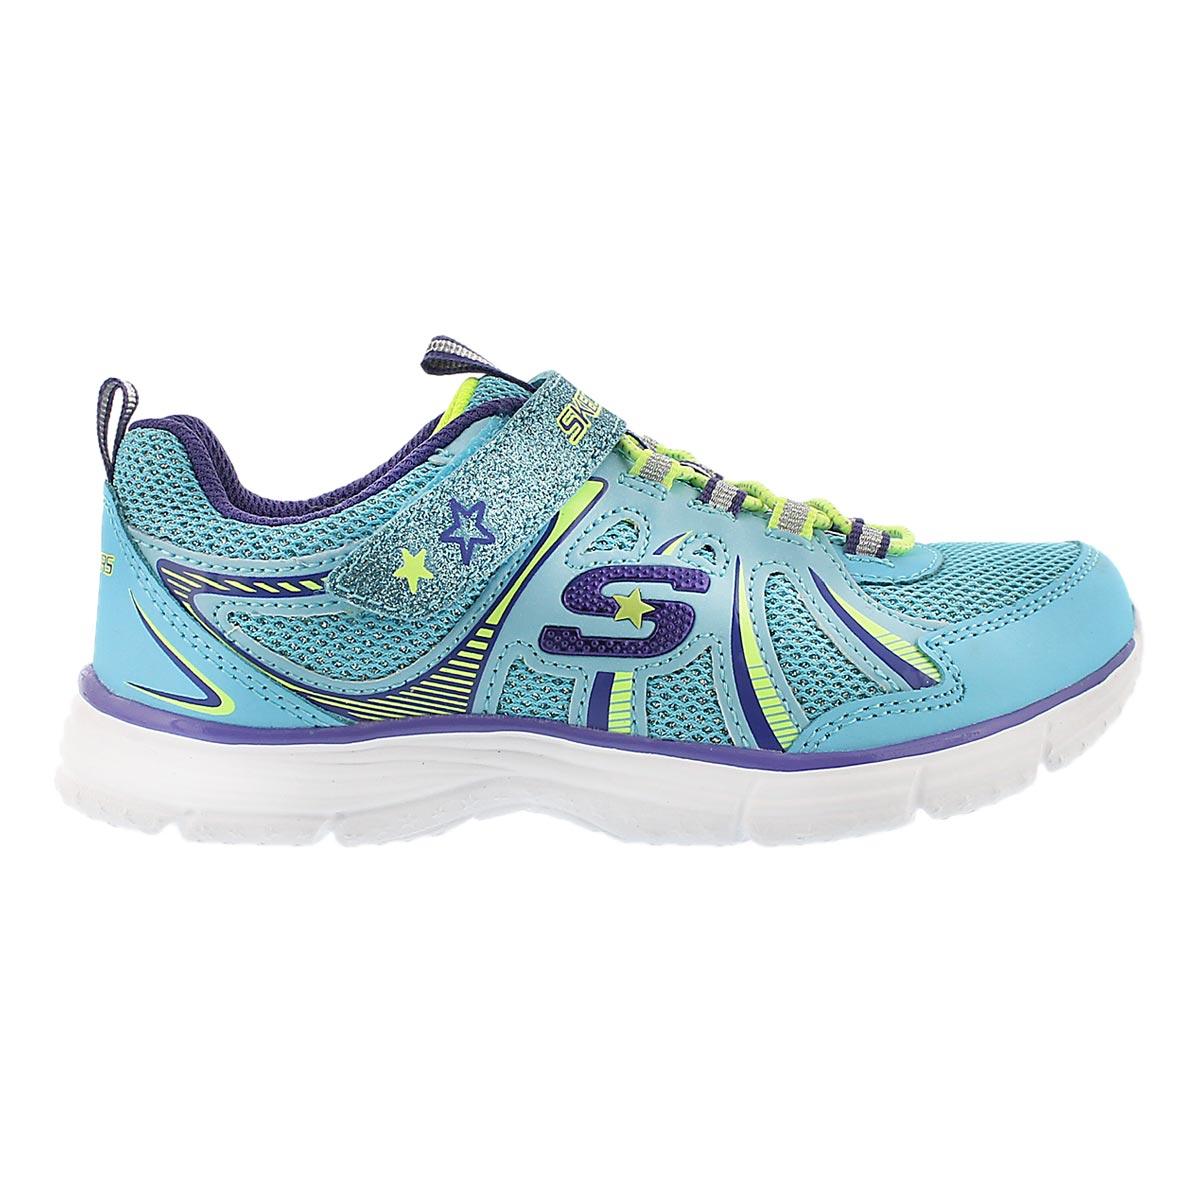 Grls Ecstatix blu/ppl bungee sneaker